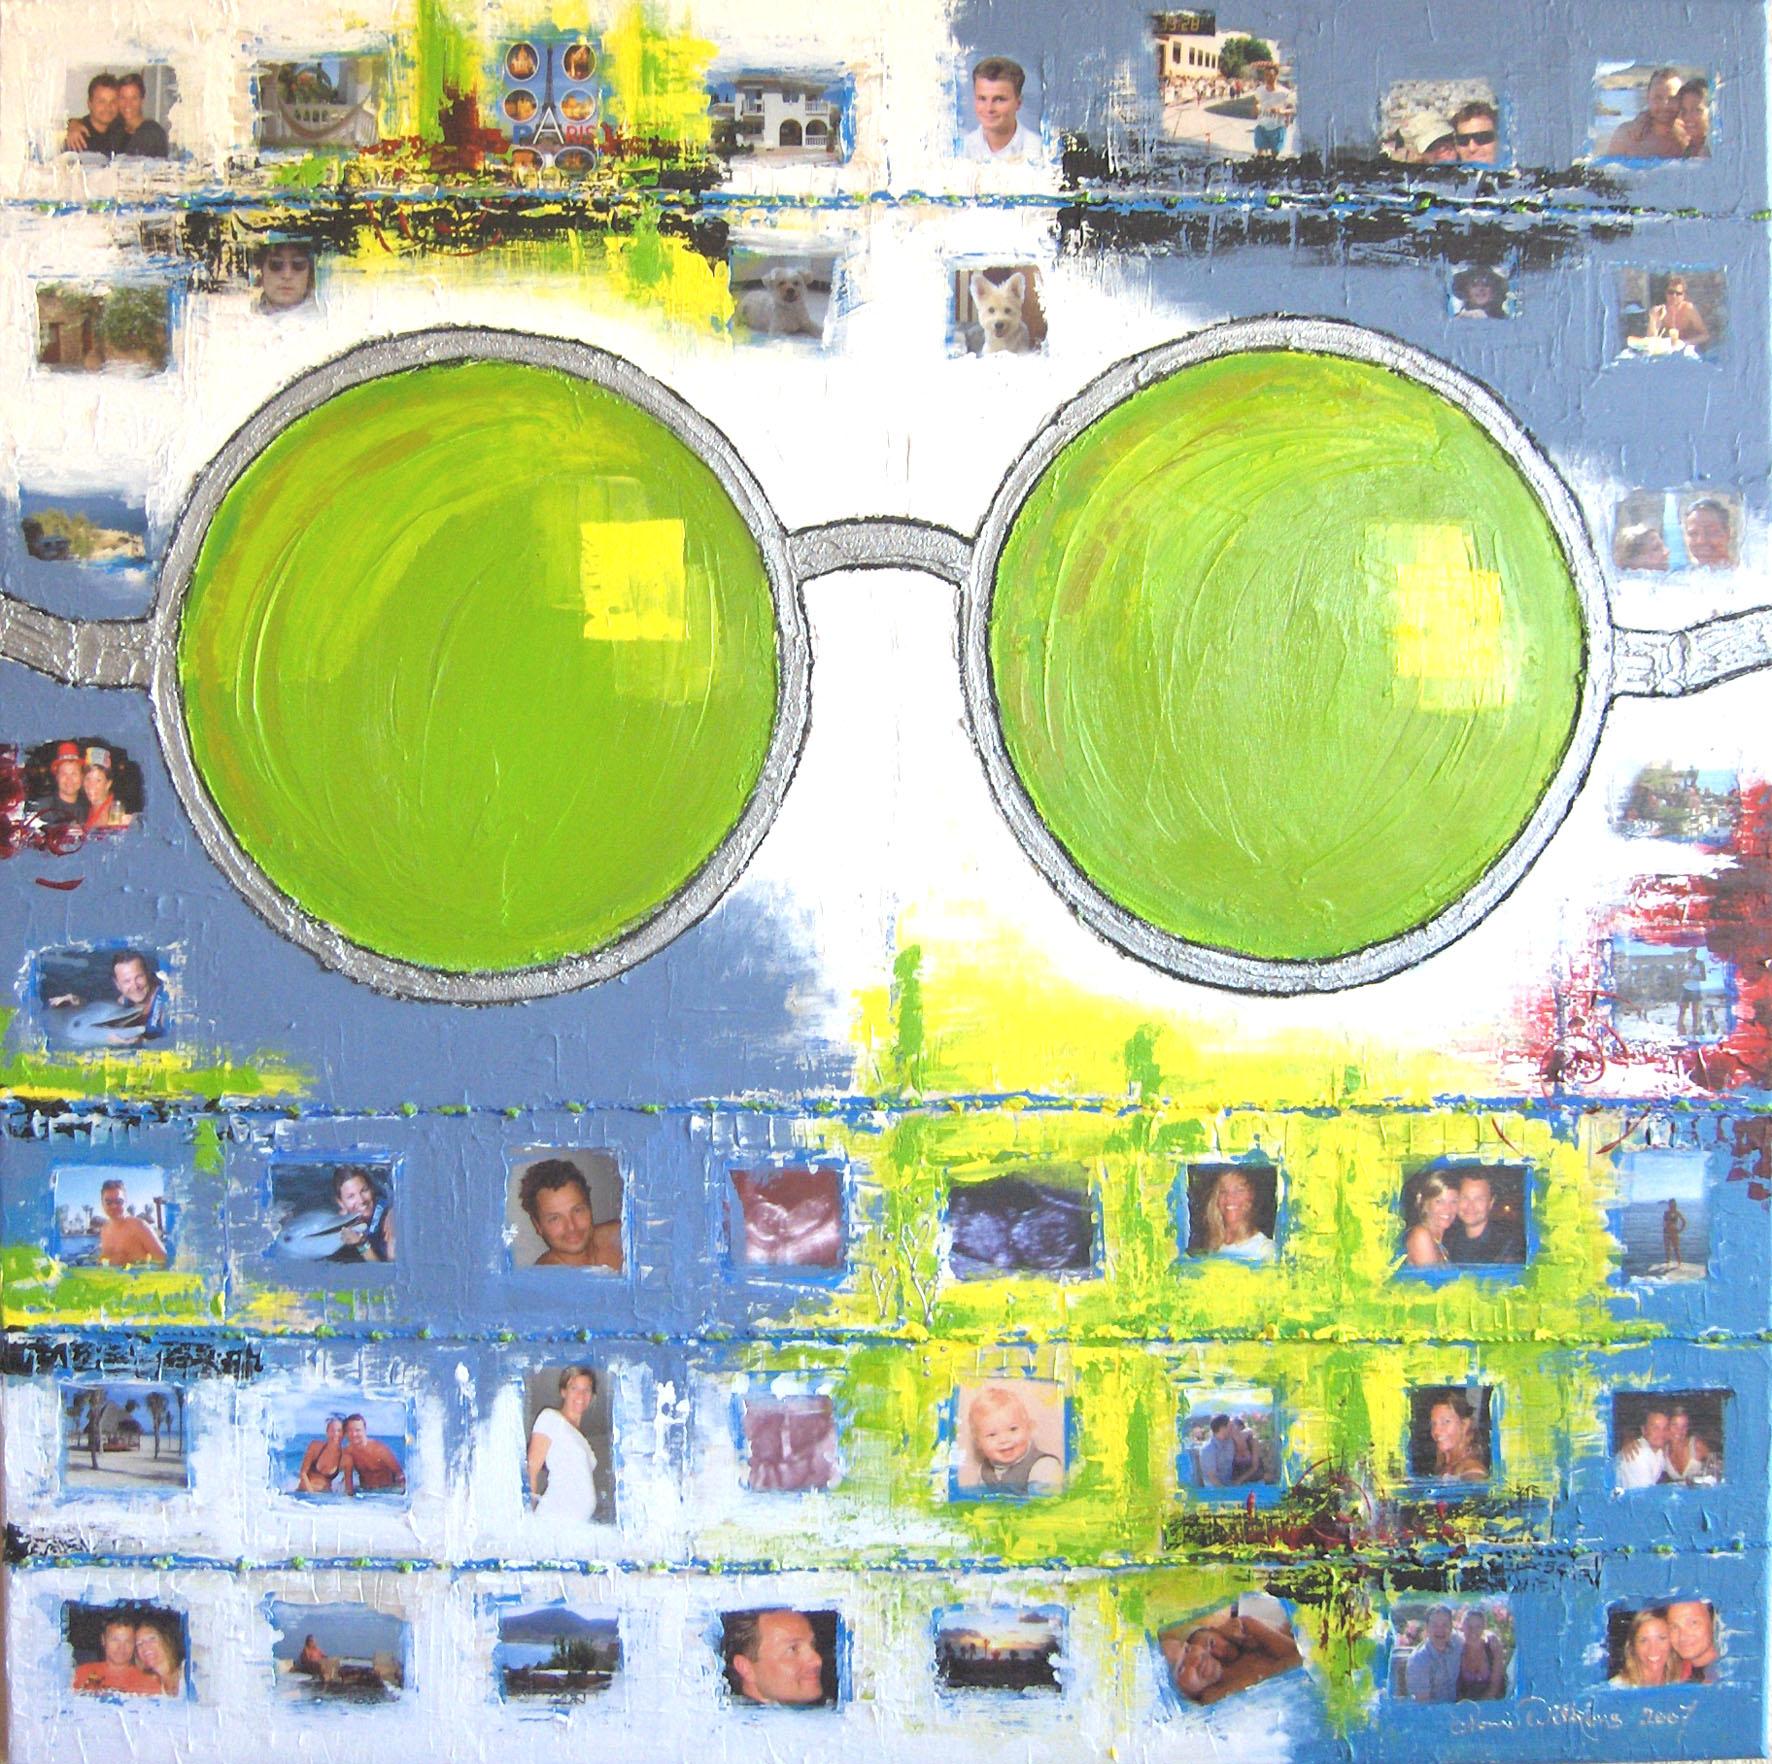 100-x-100cm-b-c-2007 SOLD